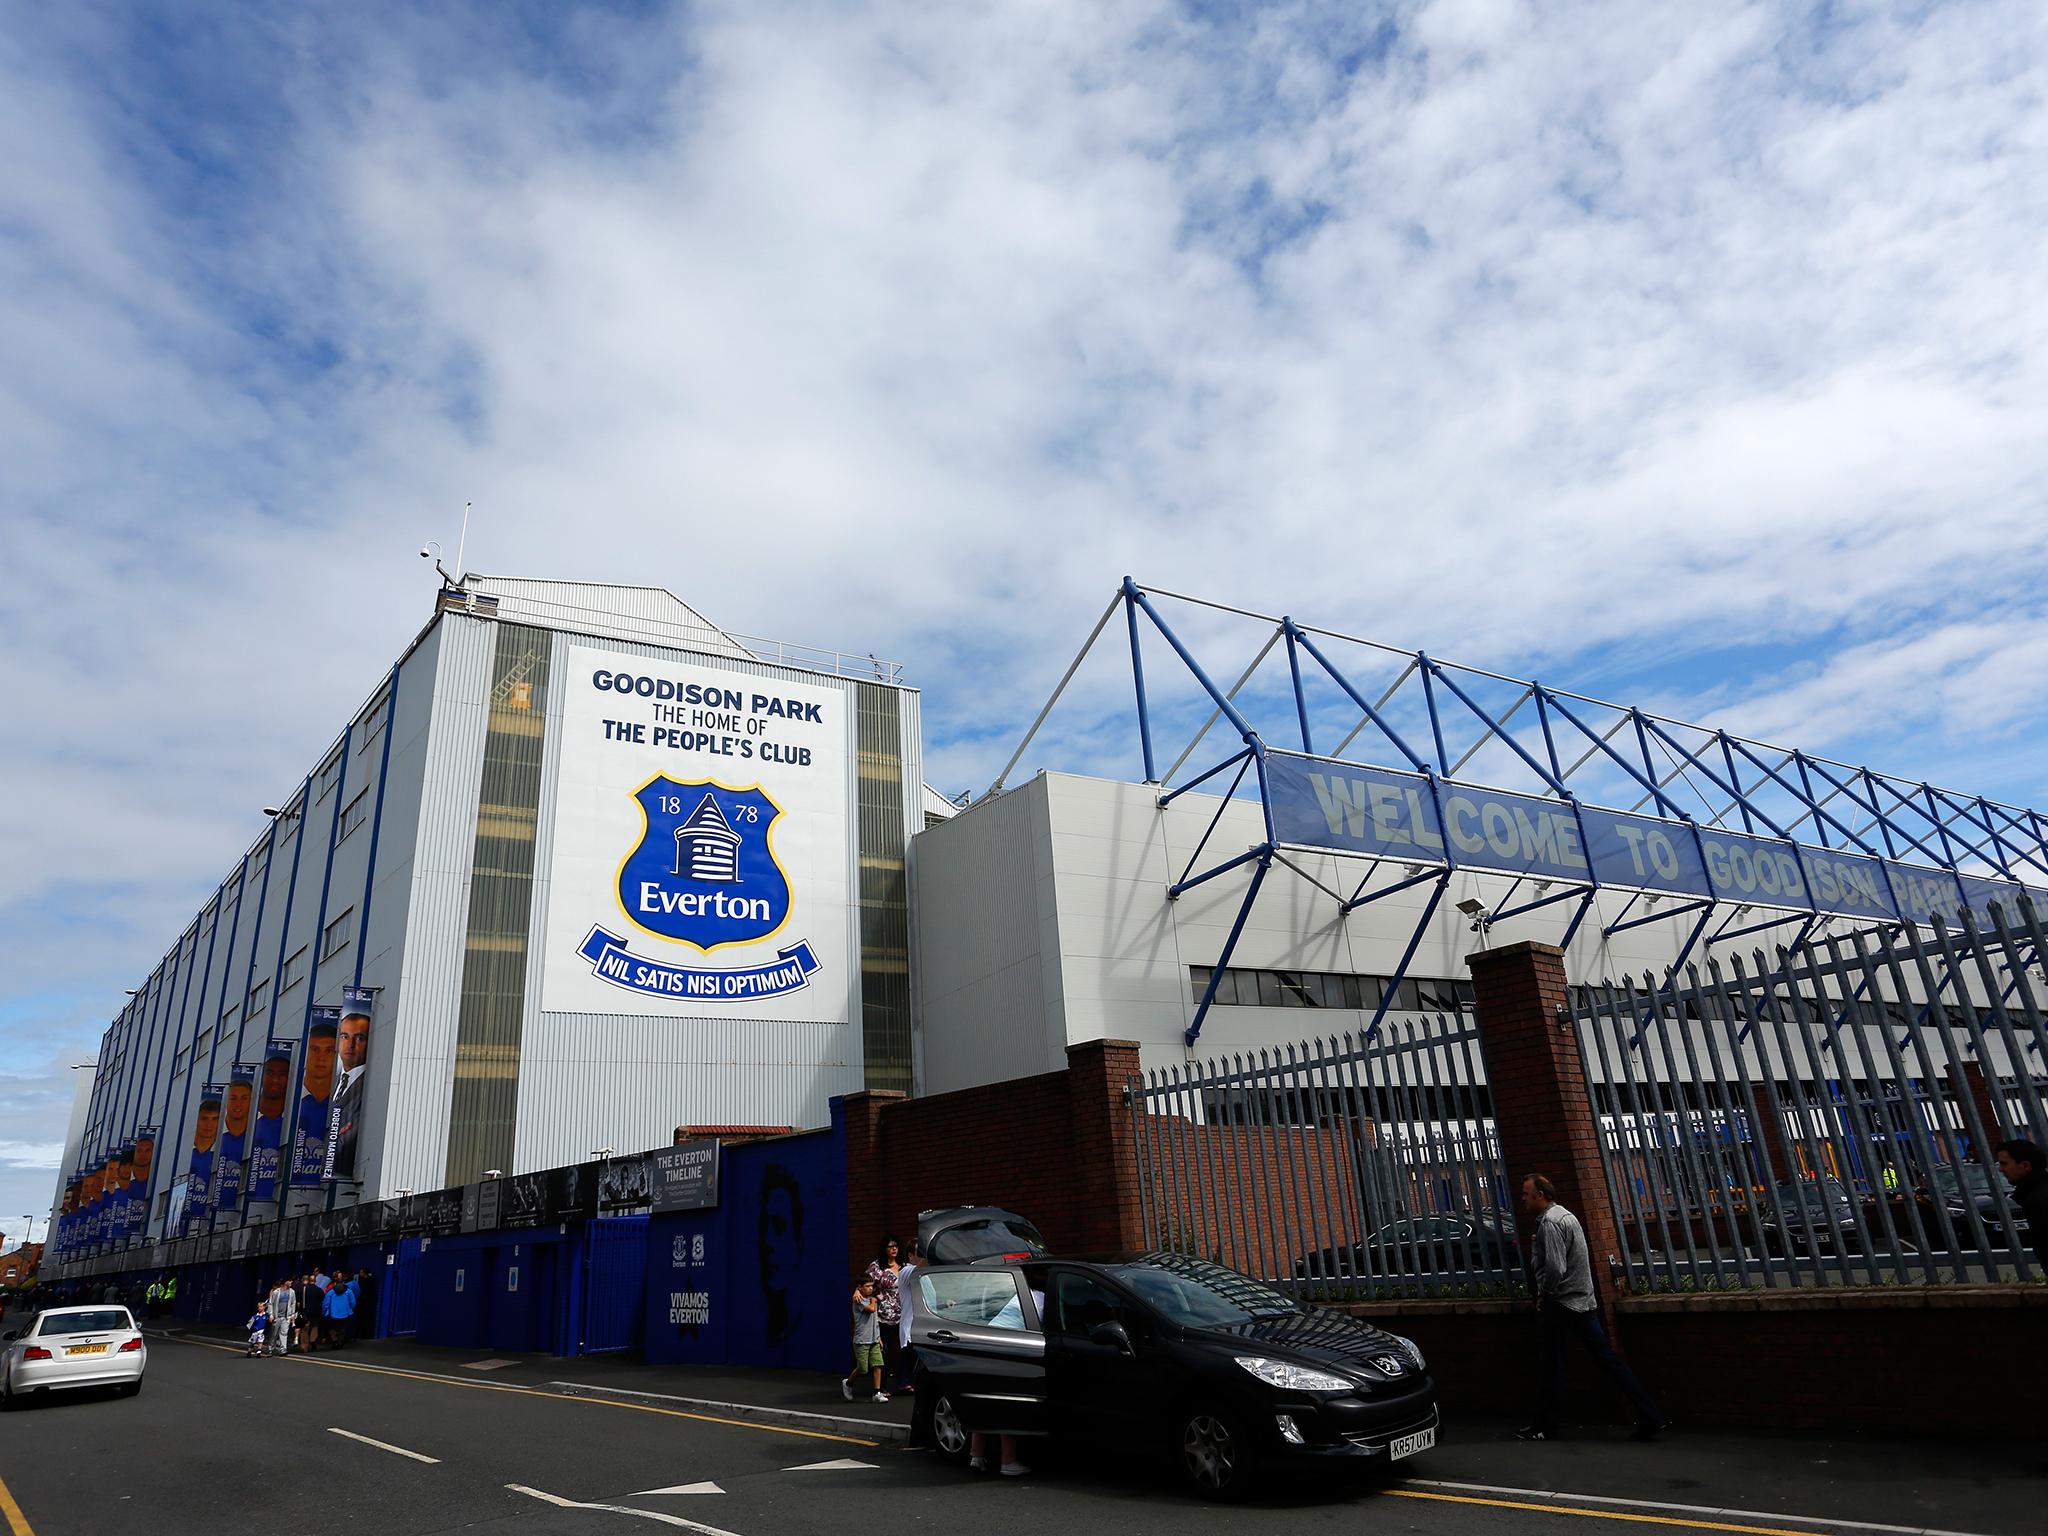 Ancora pioggia di soldi sulla Premier League: l'iraniano Moshiri è il nuovo proprietario dell'Everton